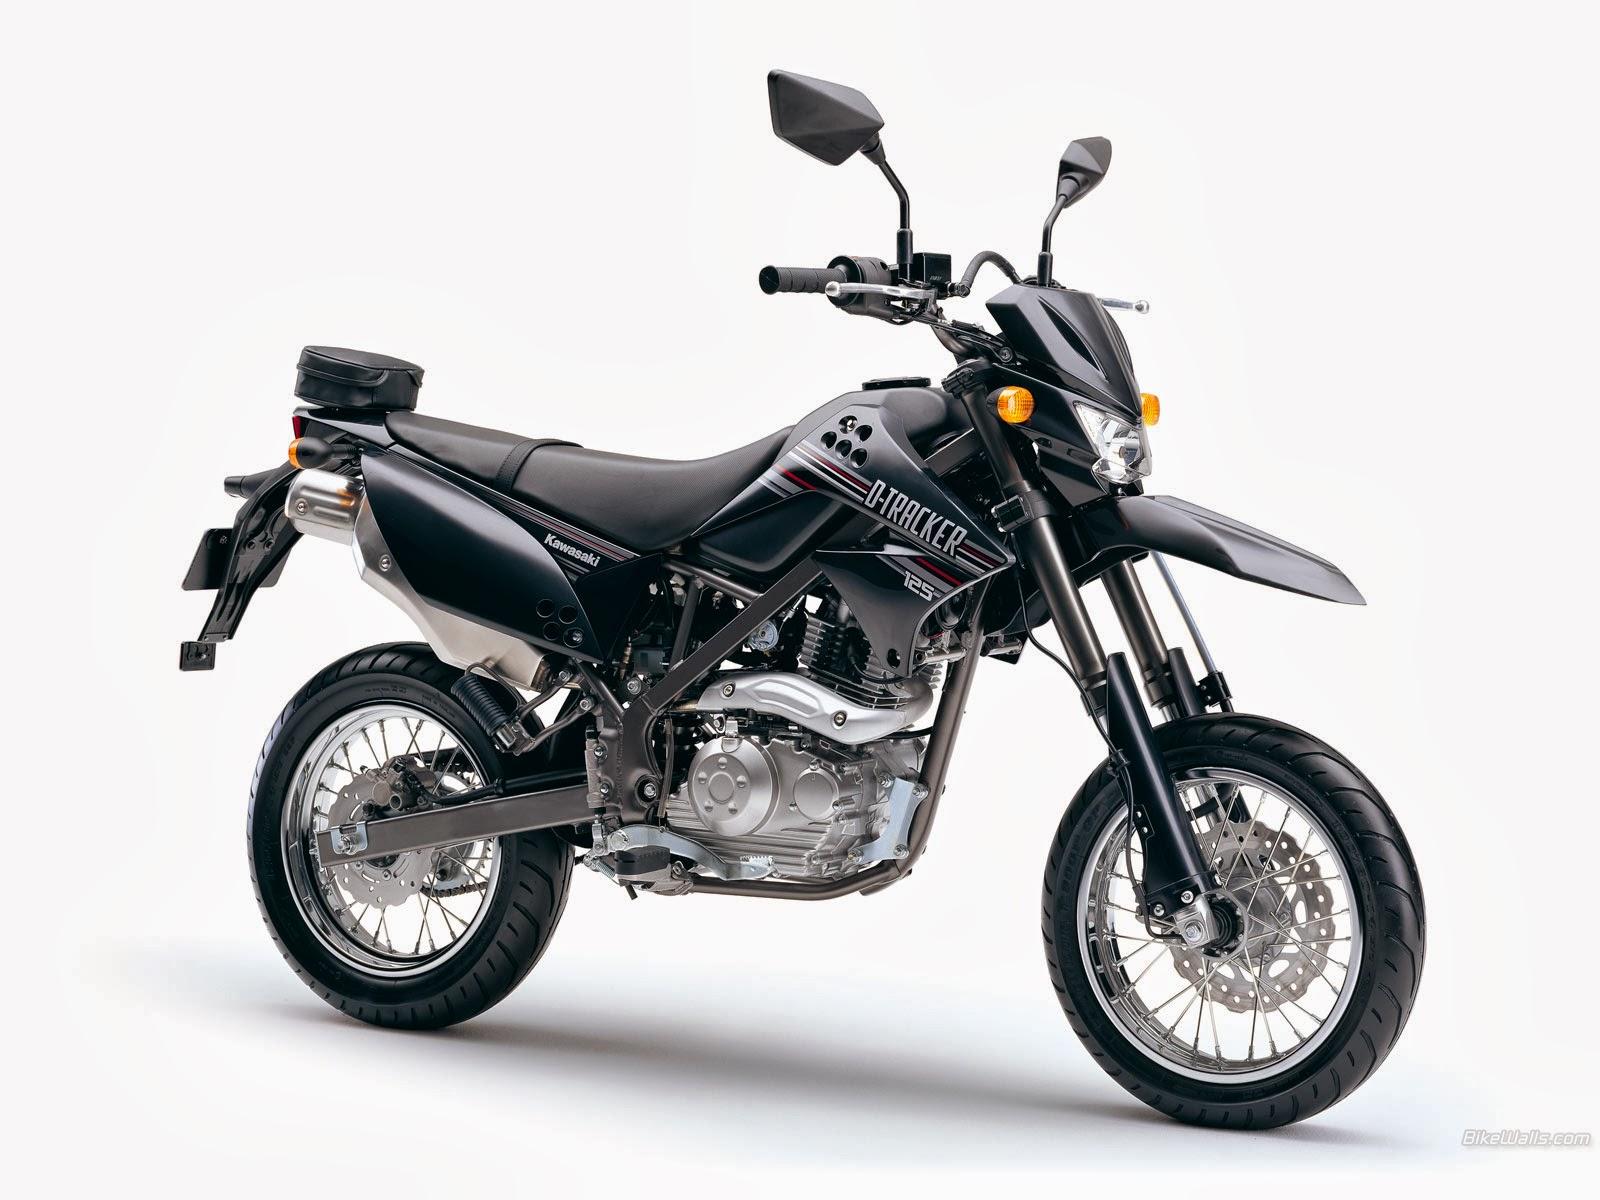 Kawasaki D Tracker Kawasaki Motor